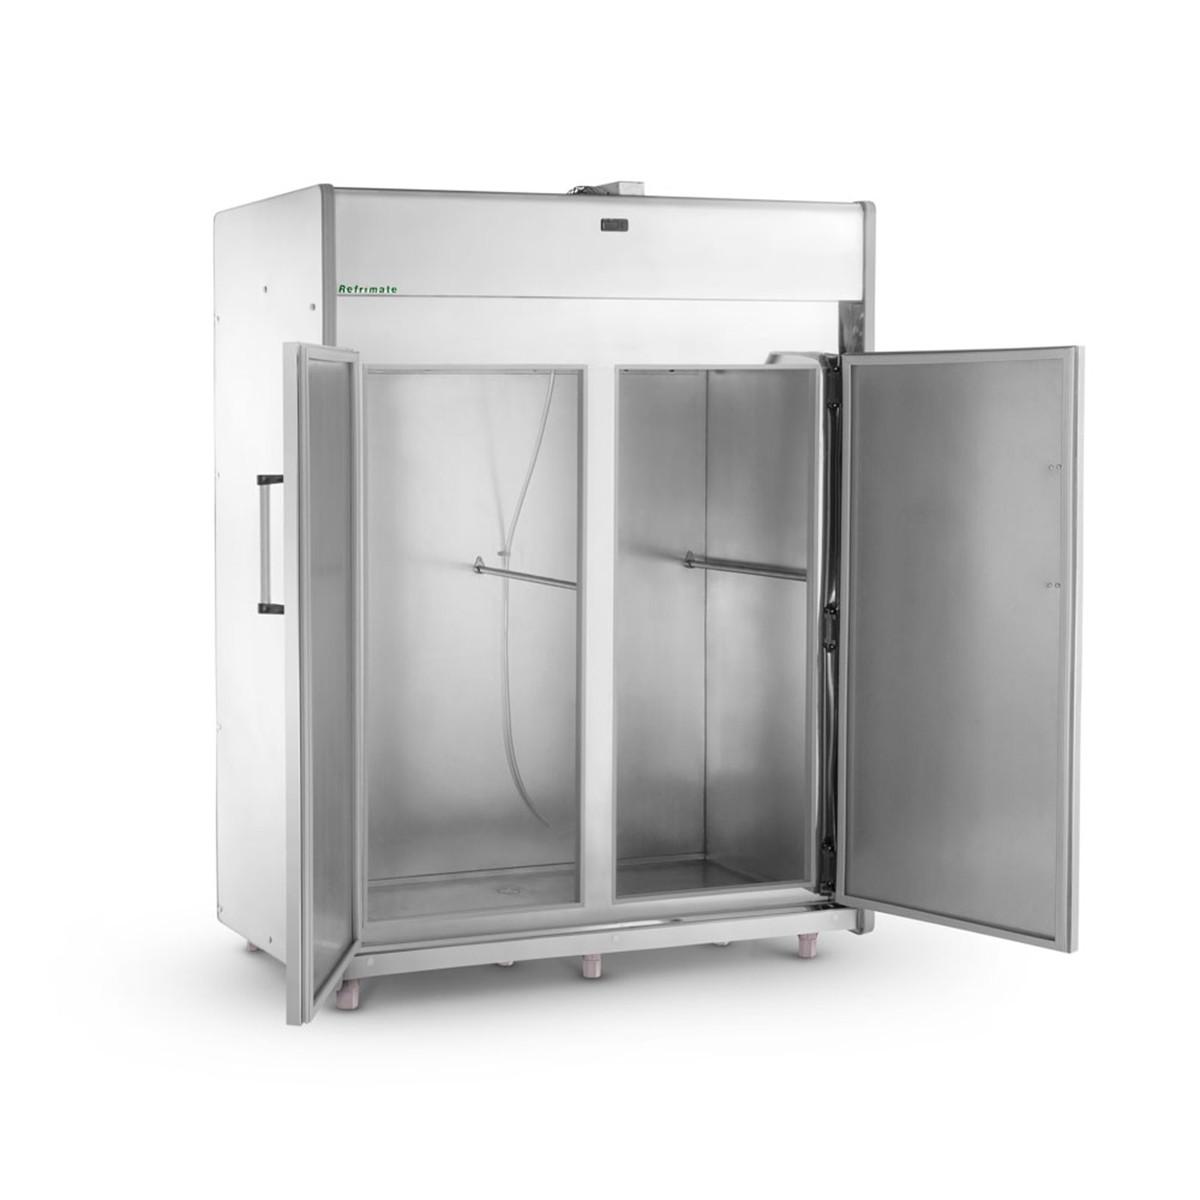 Câmara Fria Refrimate Plus 1800 Litros para Resfriados Inox 2 Portas 220V